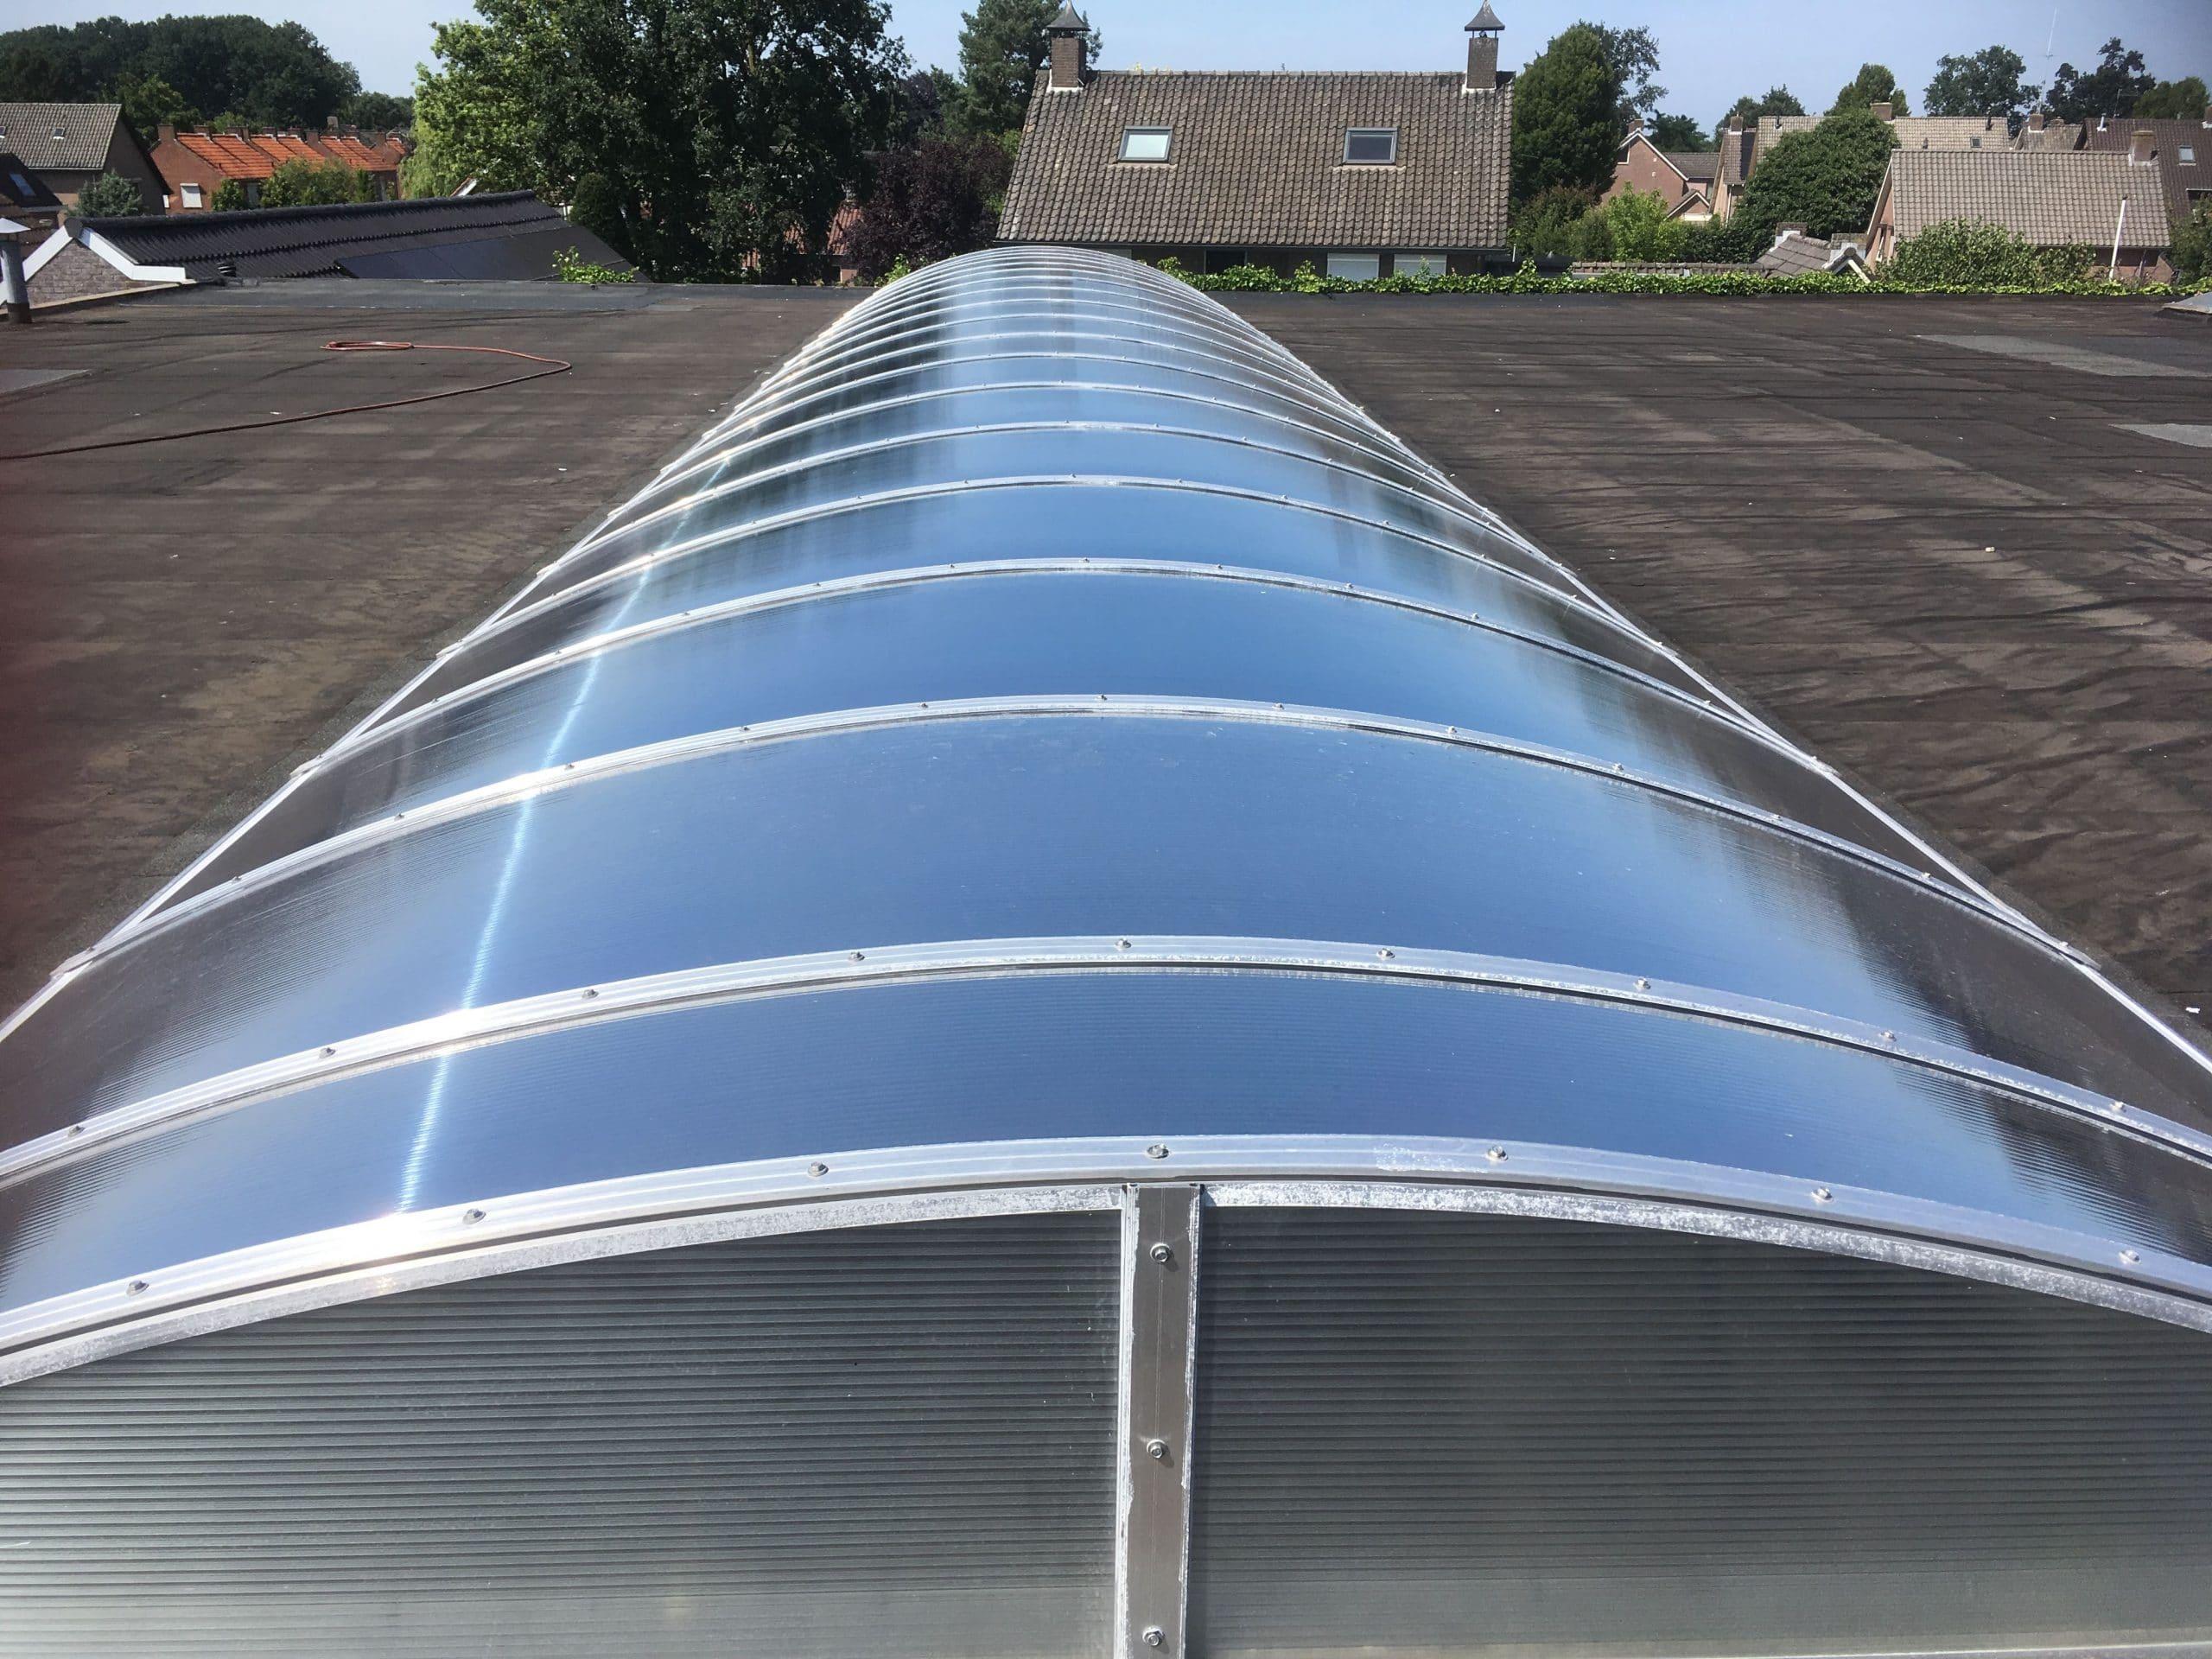 Sunblock Zilver 20 folie voor kunststof lichtstraten kan op kunststof lichtstraten aangebracht worden en weert dan tot 86% van de zonnewarmte